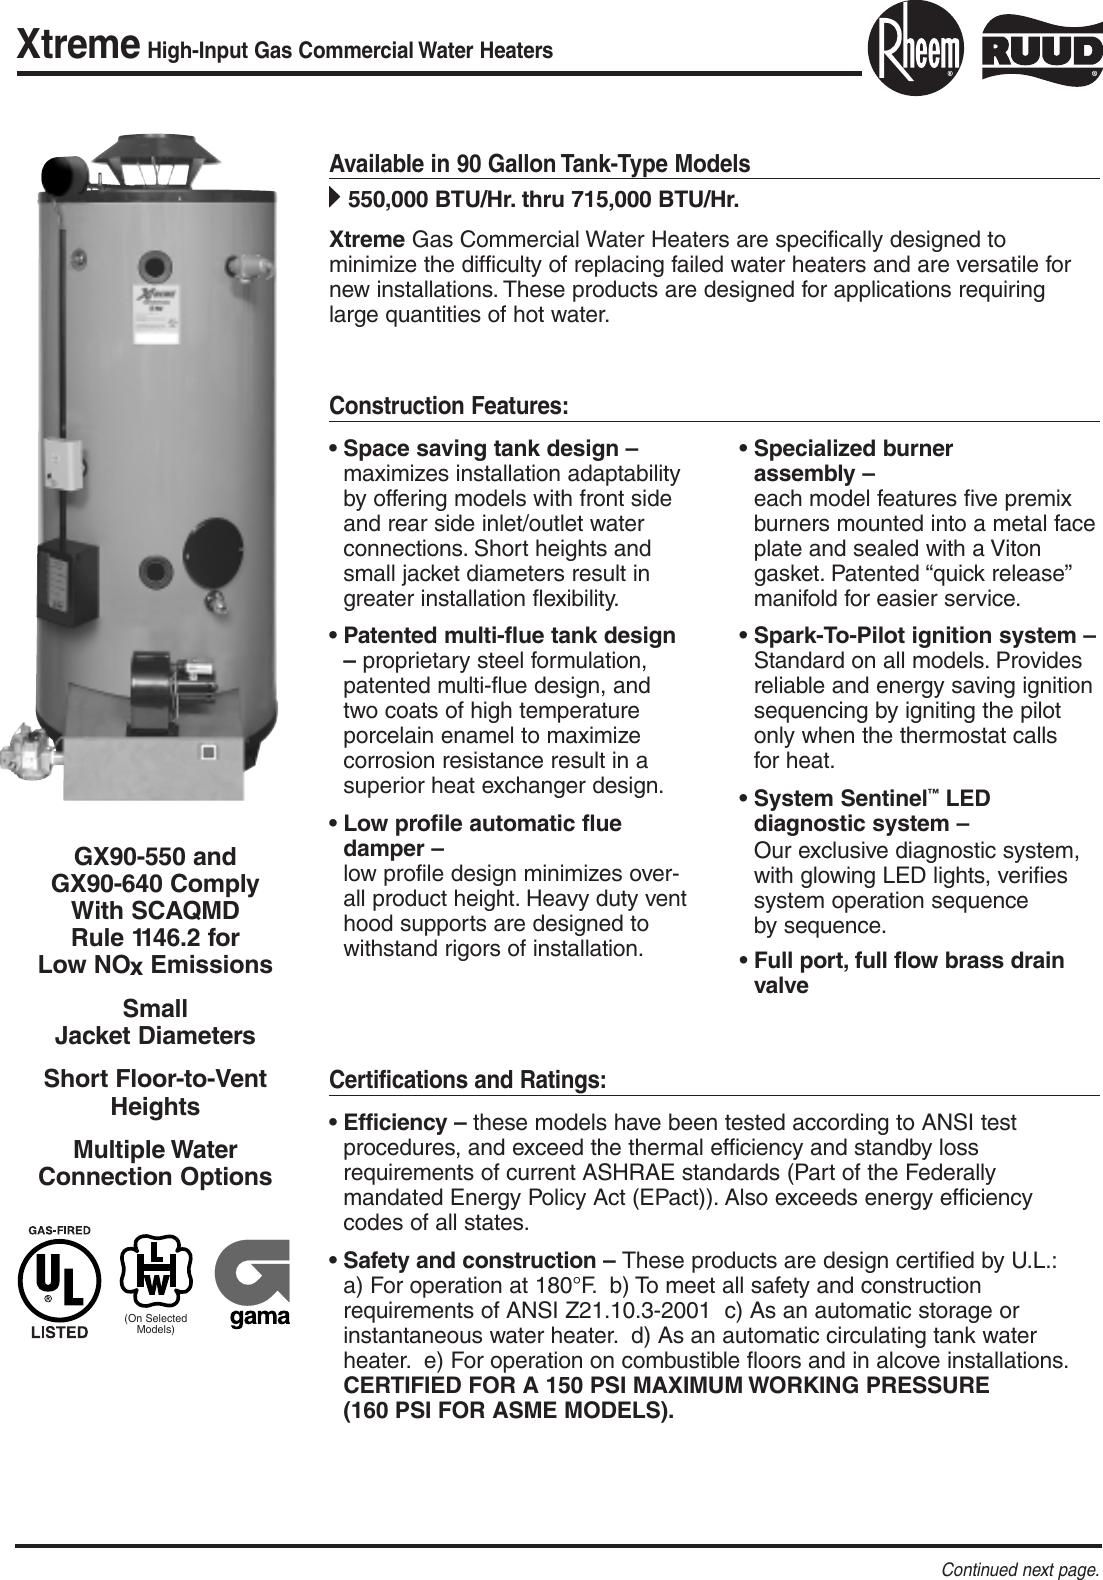 Rheem Xtreme Gx90 550 Users Manual RR102C 15